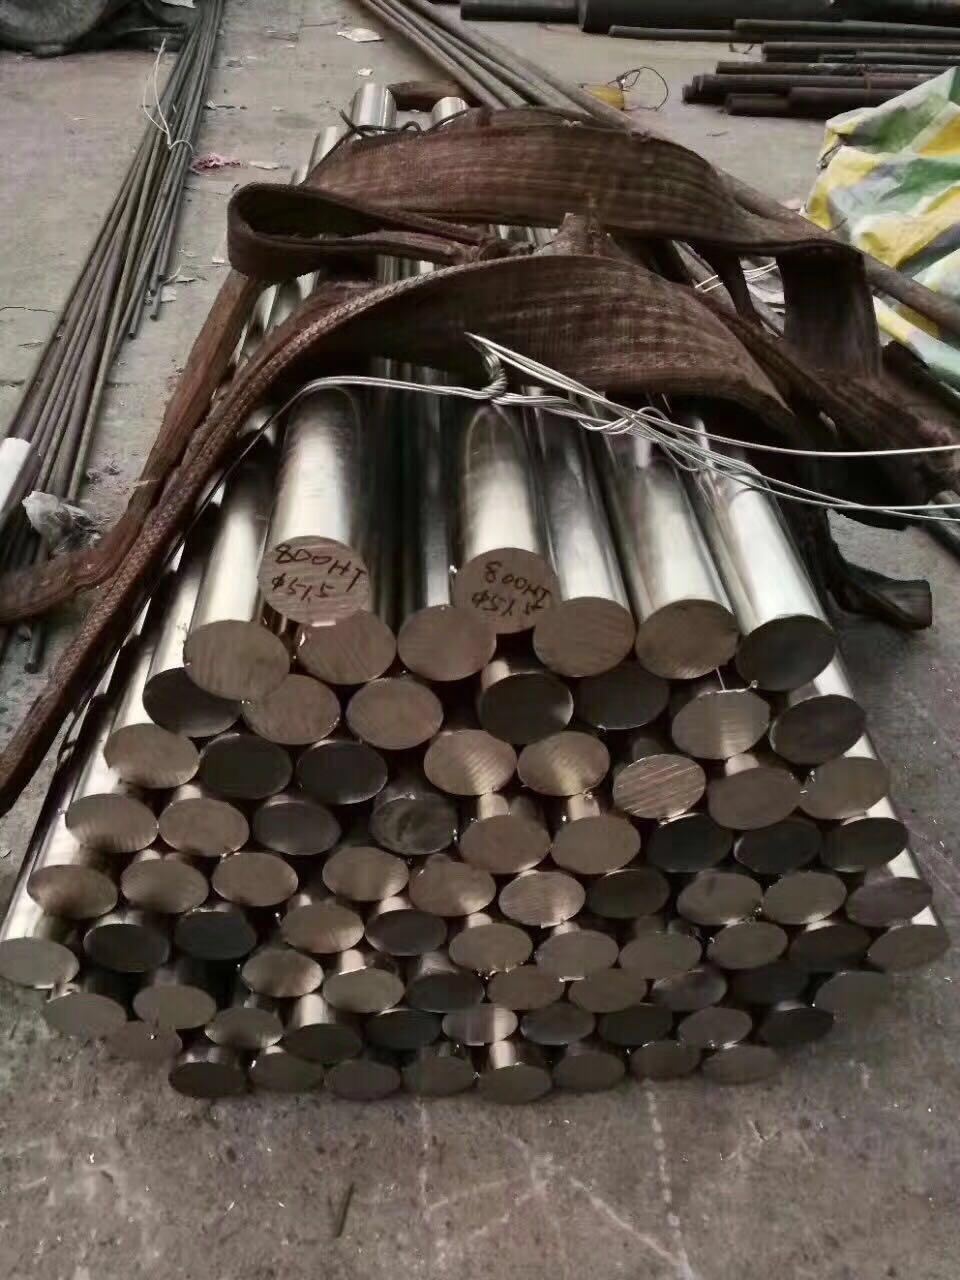 句容Incoloy A-286镍基合金圆钢成分介绍